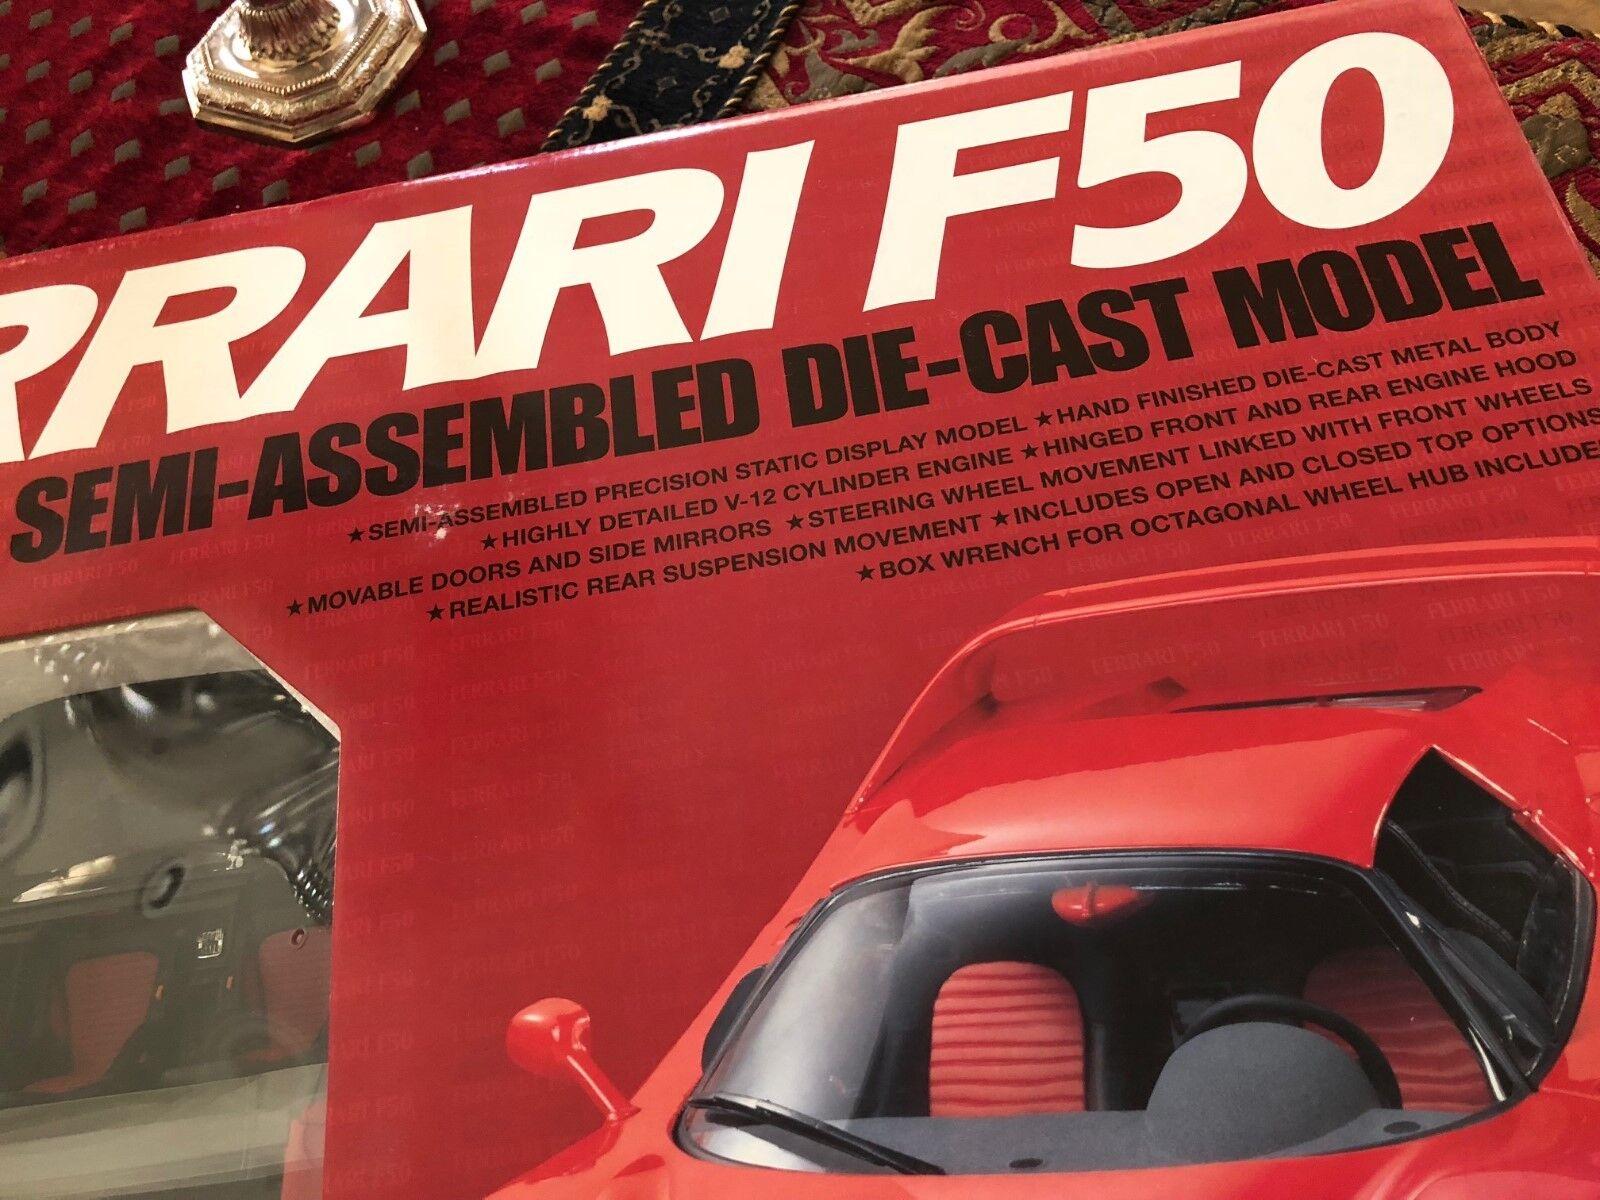 Tamiya Die-Cast 1:12 | SALE | 1997 Ferrari F50 Semi-Assembled Model Replica